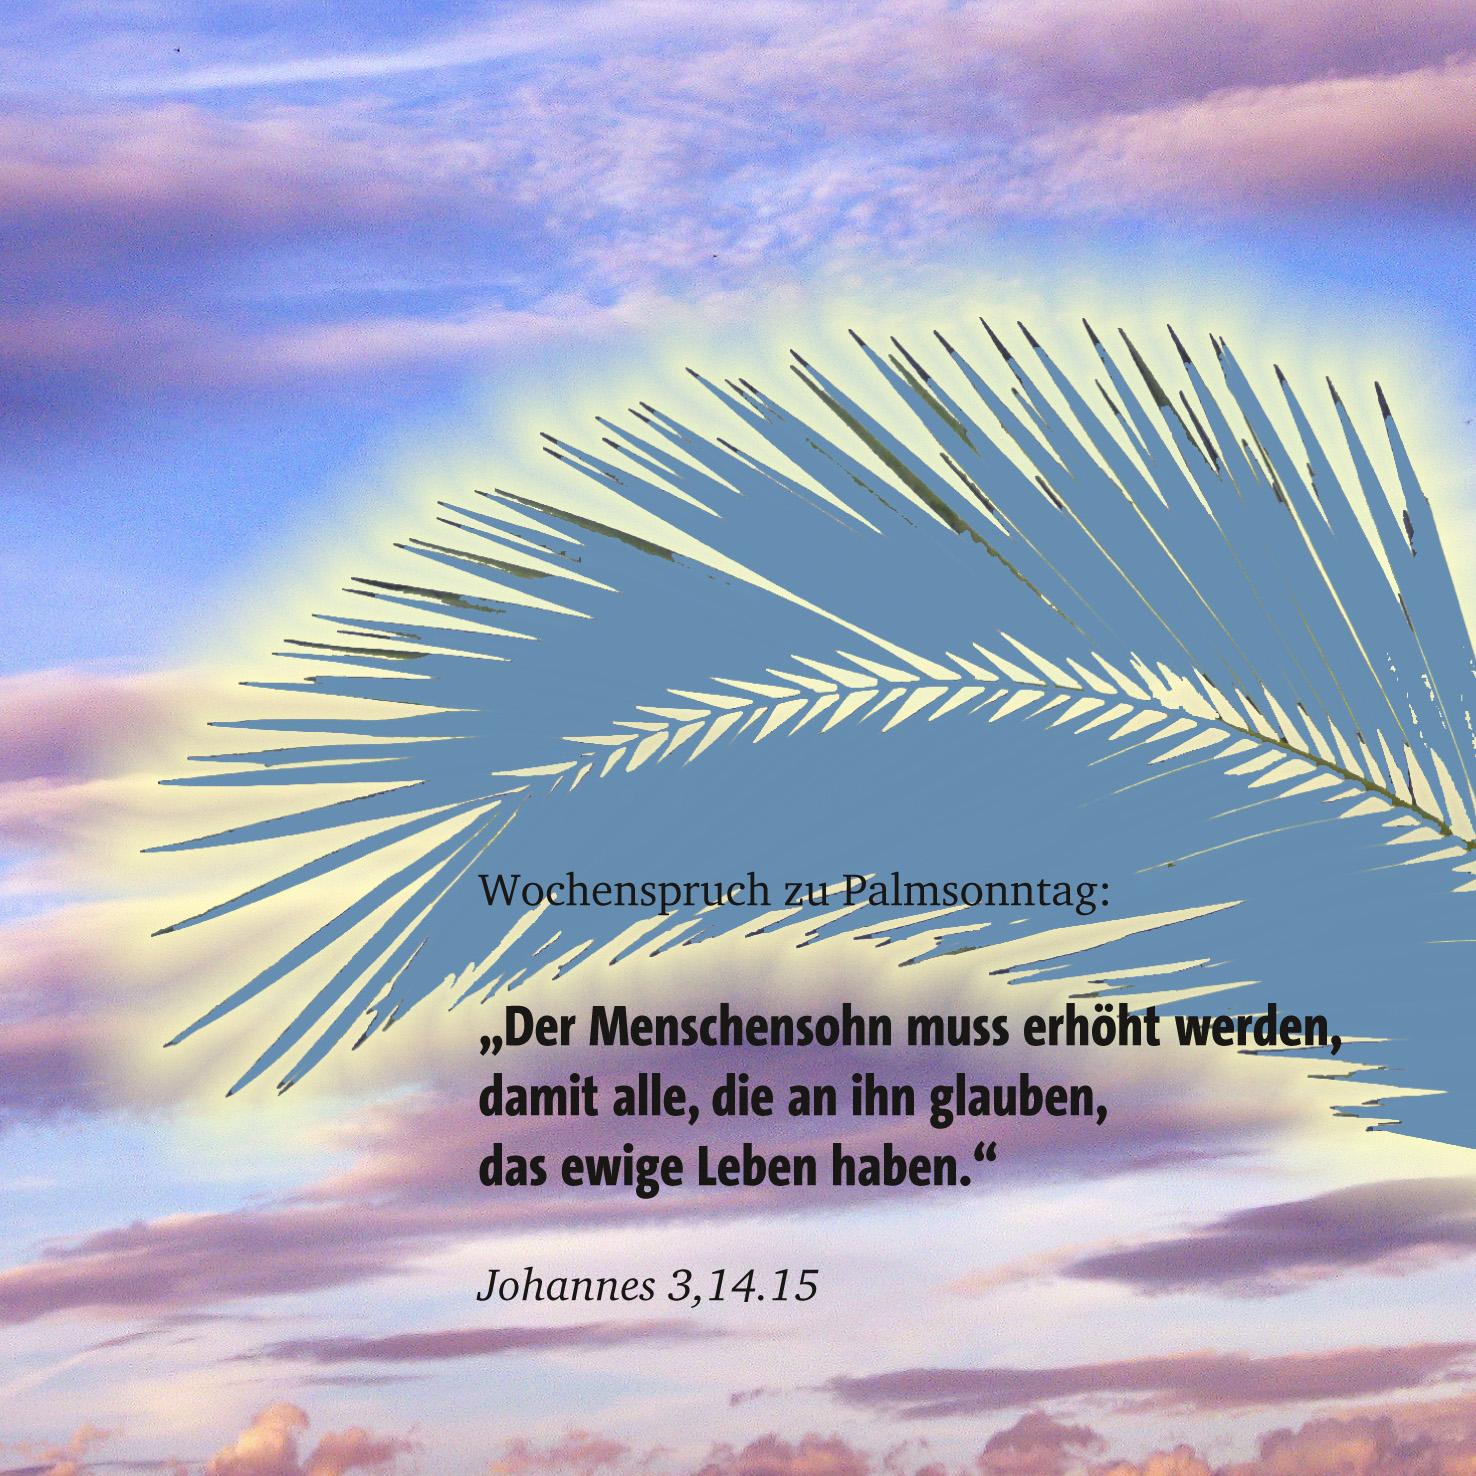 Gottesdienst zuhause feiern Palmsonntag 05.04.2020